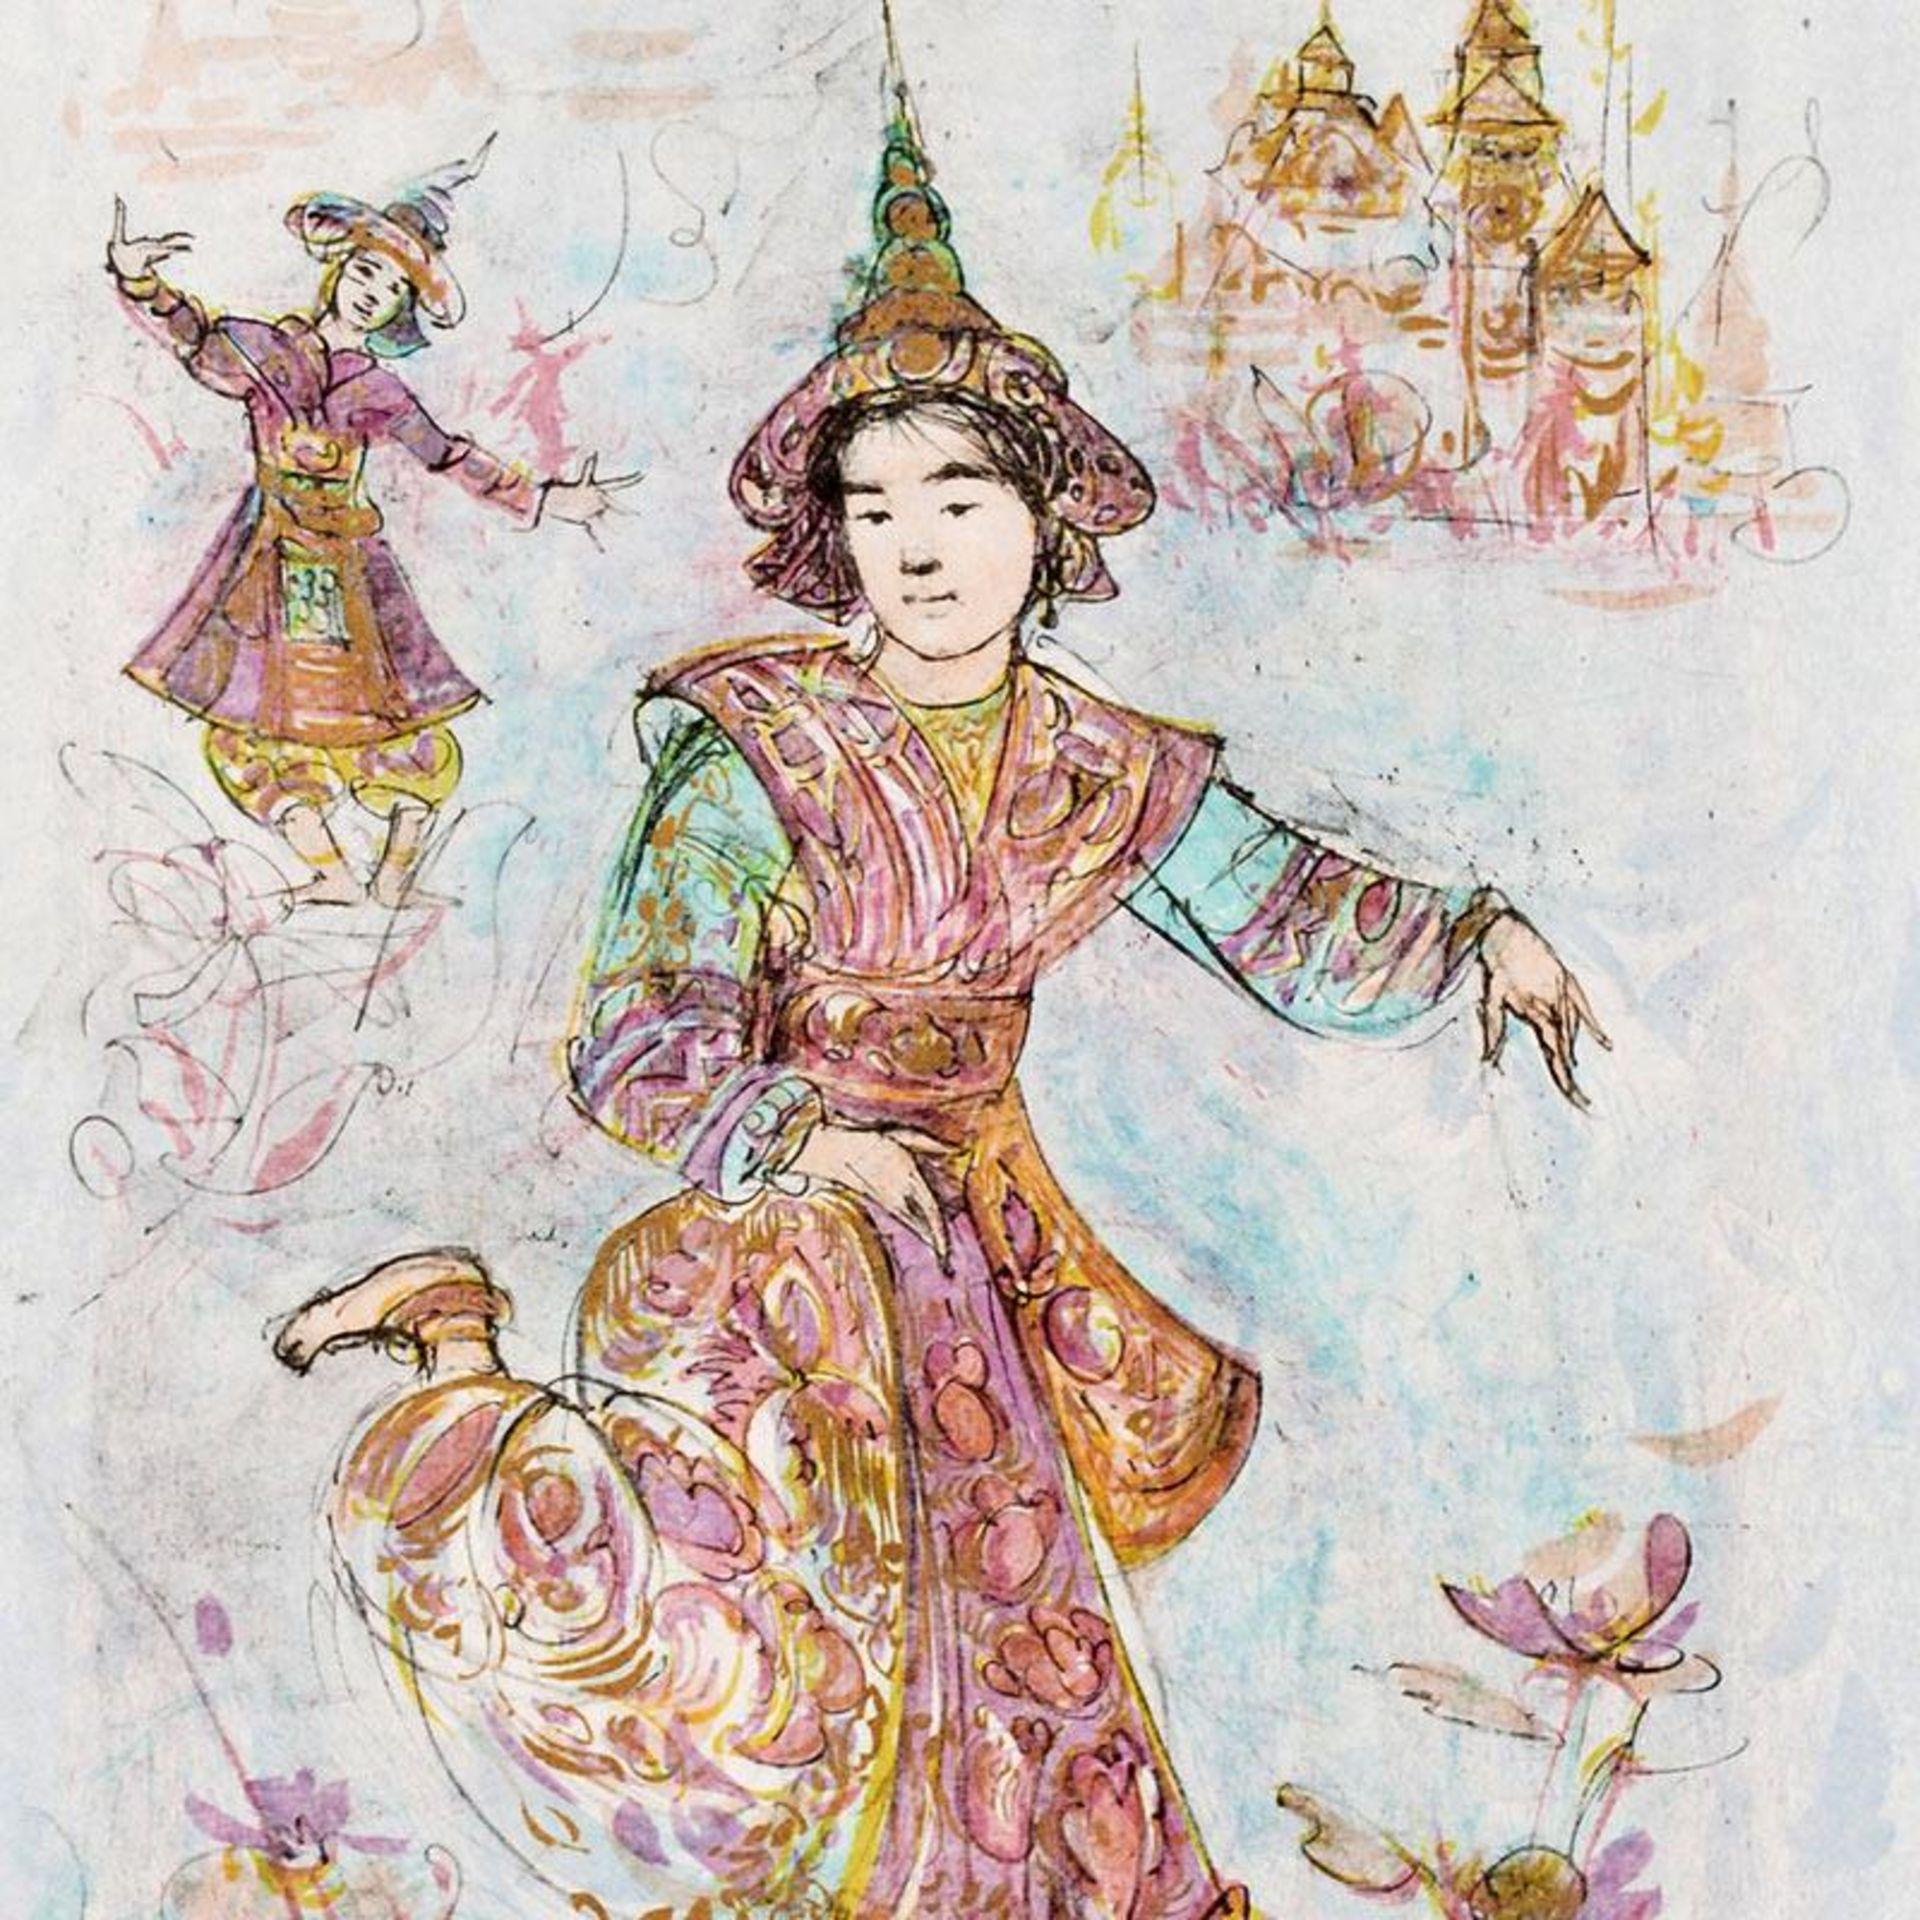 Thai Dancers by Hibel (1917-2014) - Image 2 of 2